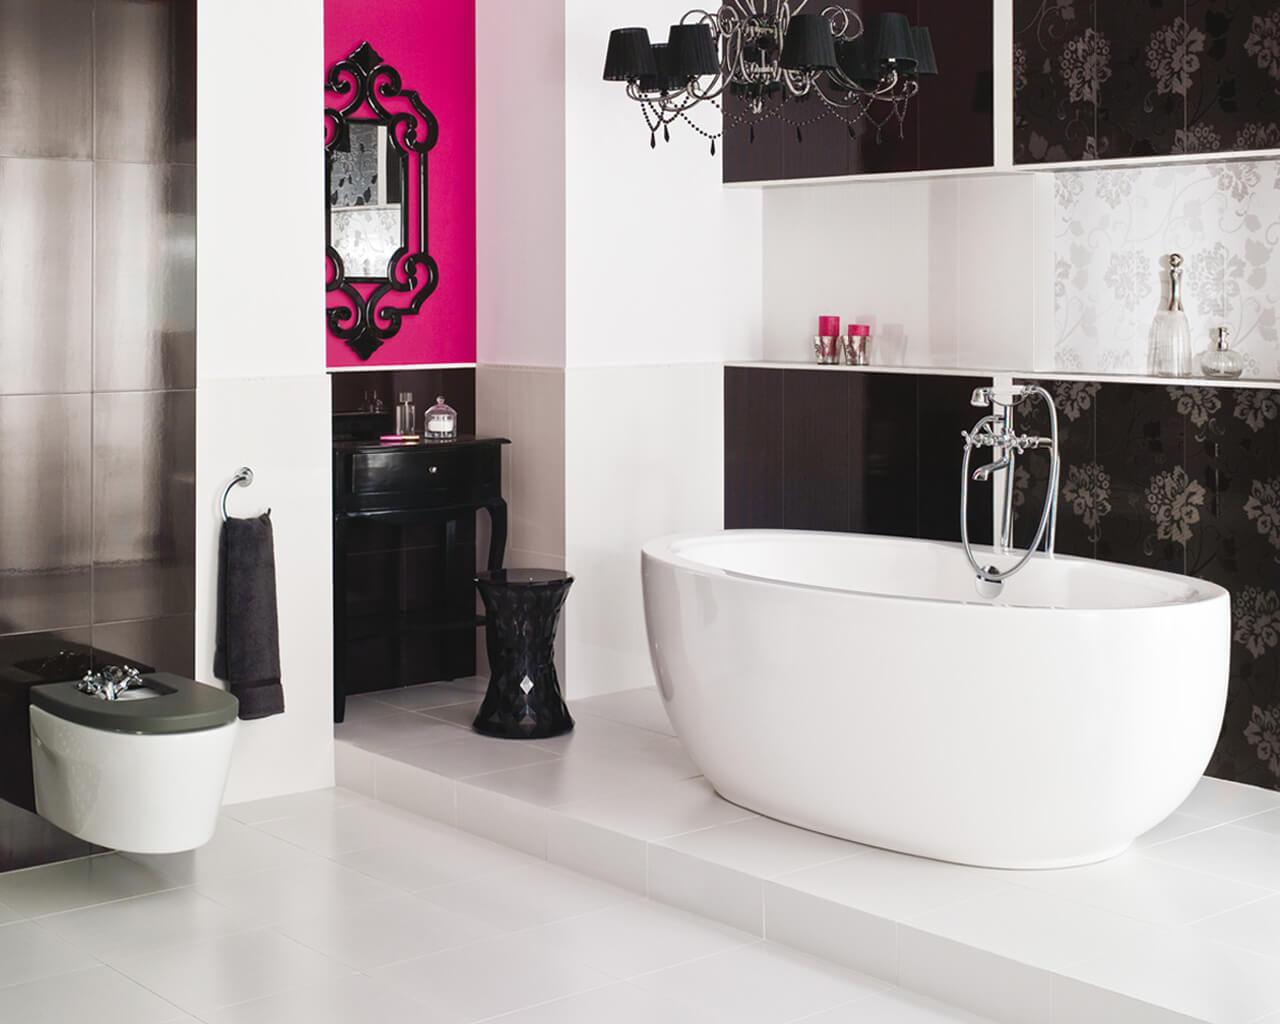 Kryształowy blask biało-czarnej łazienki w stylu glamour